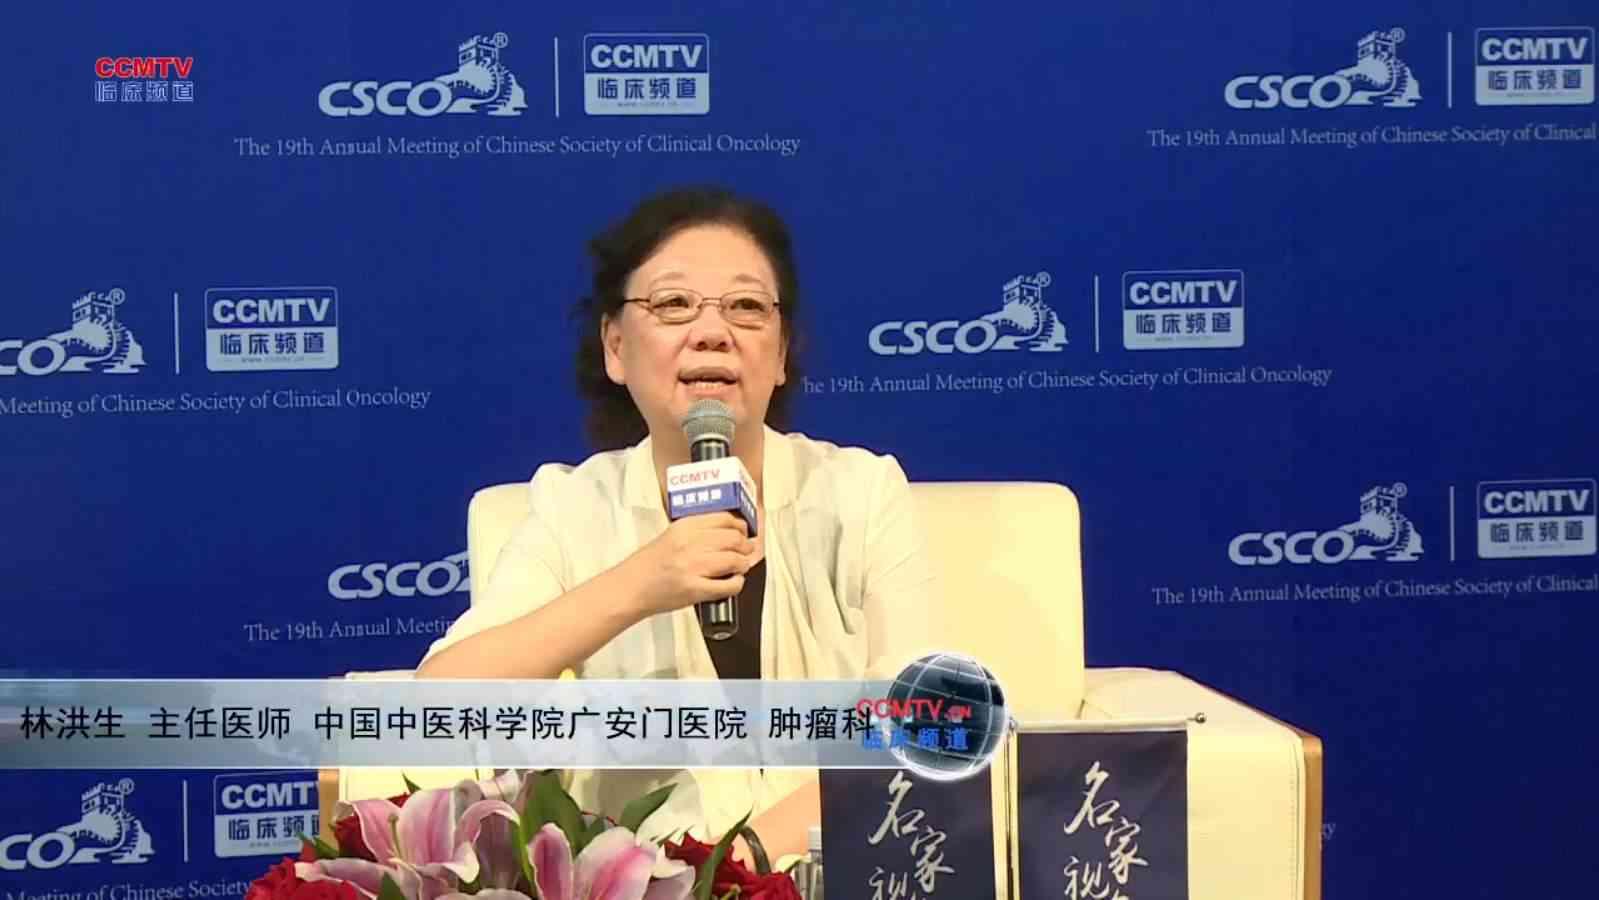 癌症 研究设计 中医 林洪生:中医药国际化经验分享